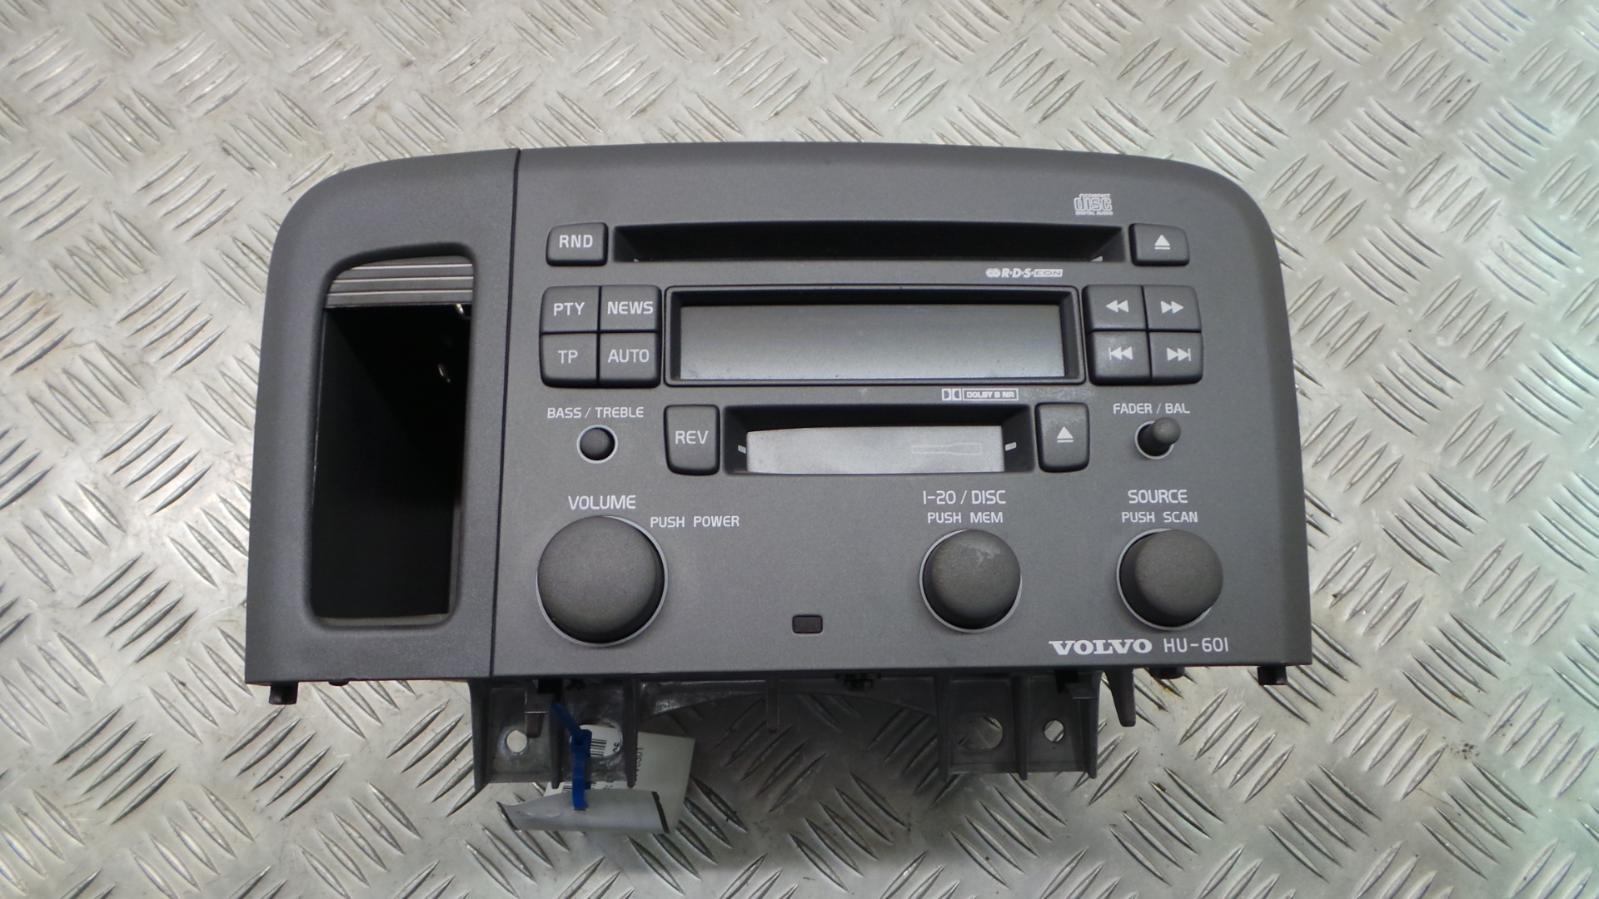 2000 volvo s80 radio cassette cd player model hu 601. Black Bedroom Furniture Sets. Home Design Ideas